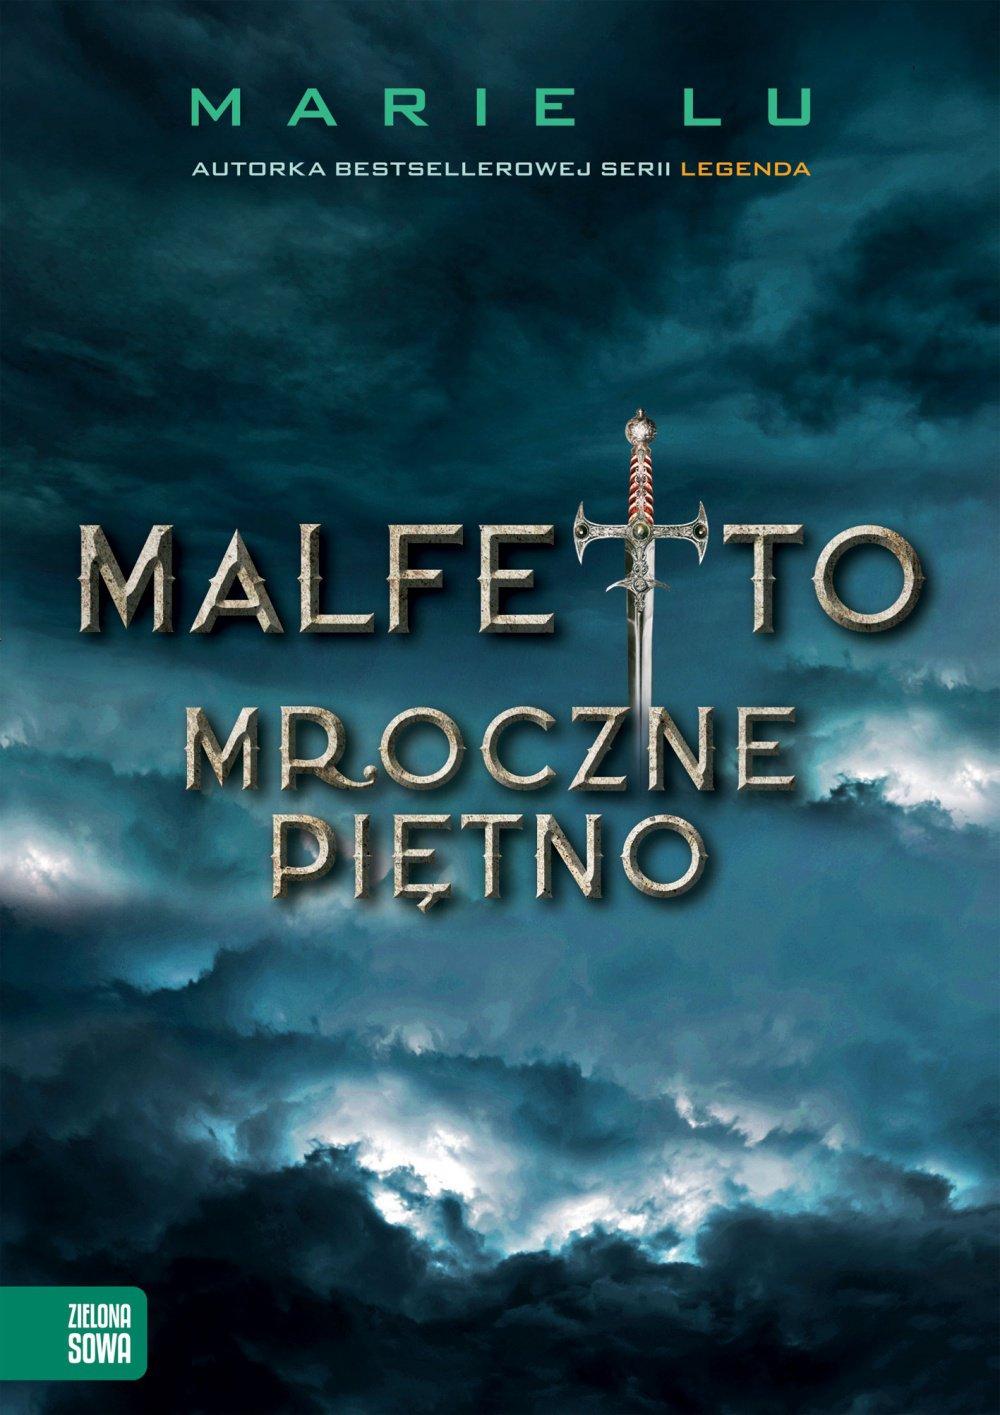 Malfetto. Mroczne piętno - Ebook (Książka EPUB) do pobrania w formacie EPUB